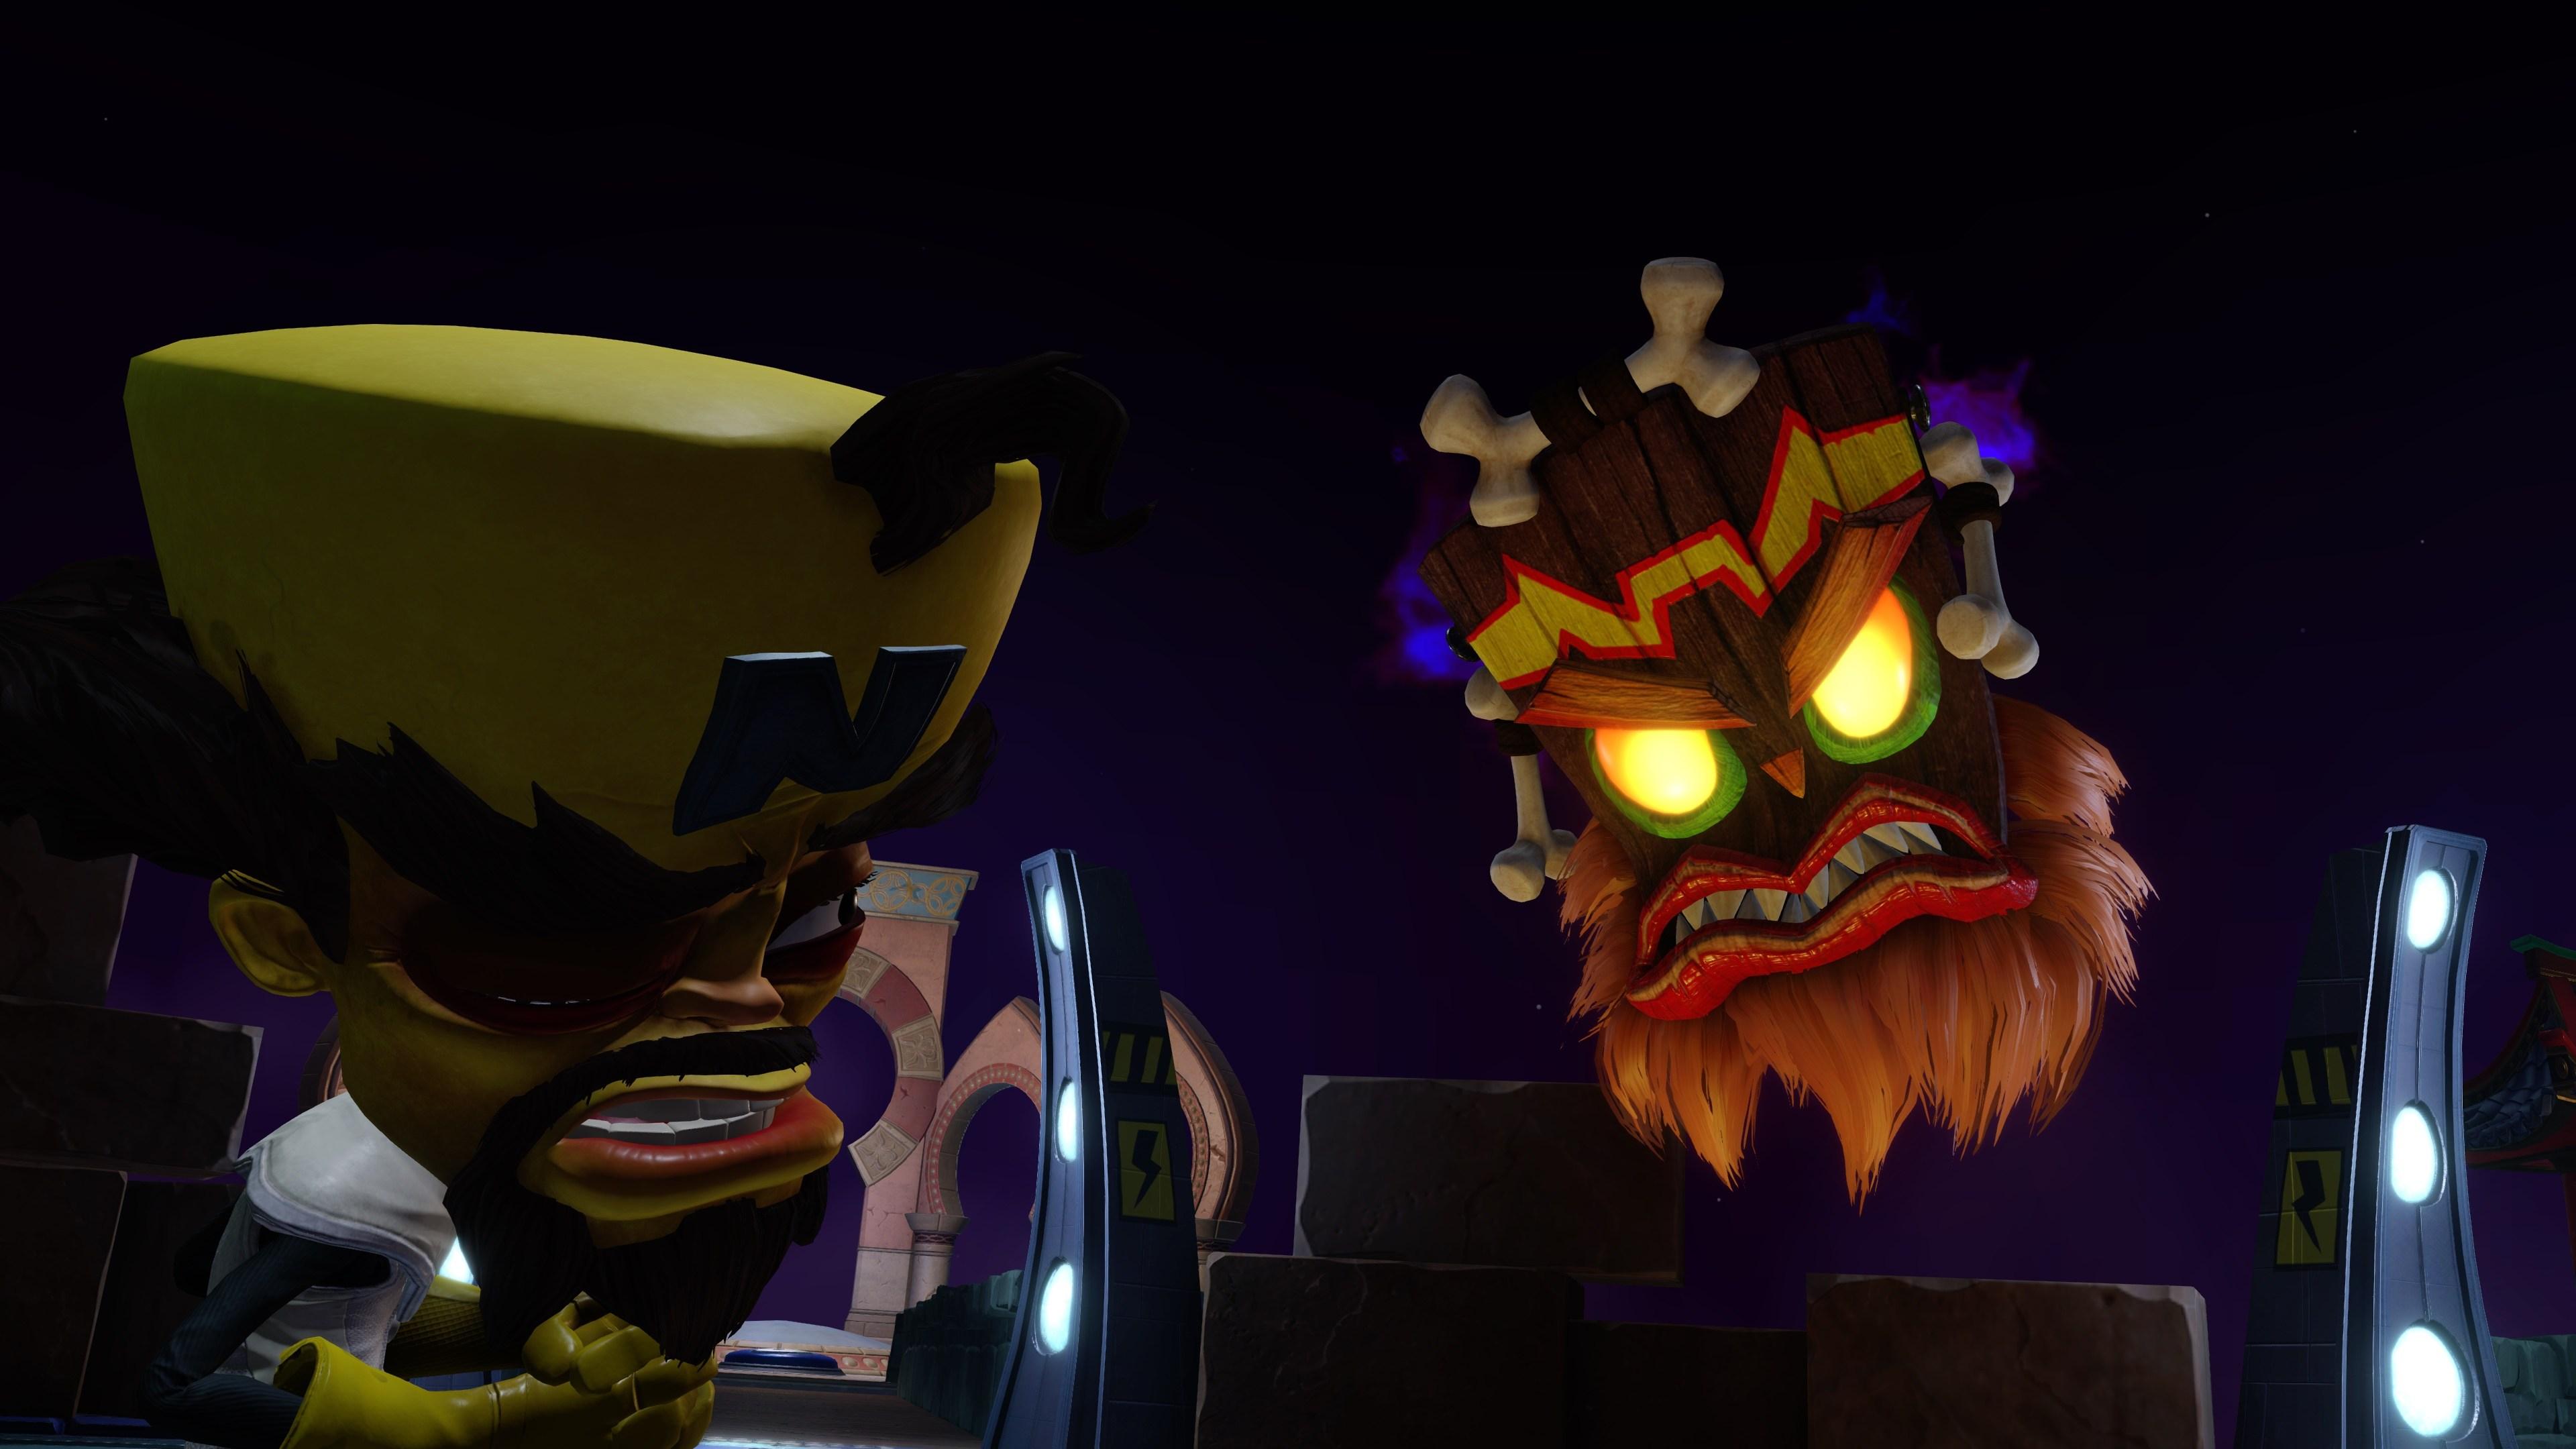 Crash Bandicoot 3: Warped - Crash Bandicoot N. Sane Trilogy 4K